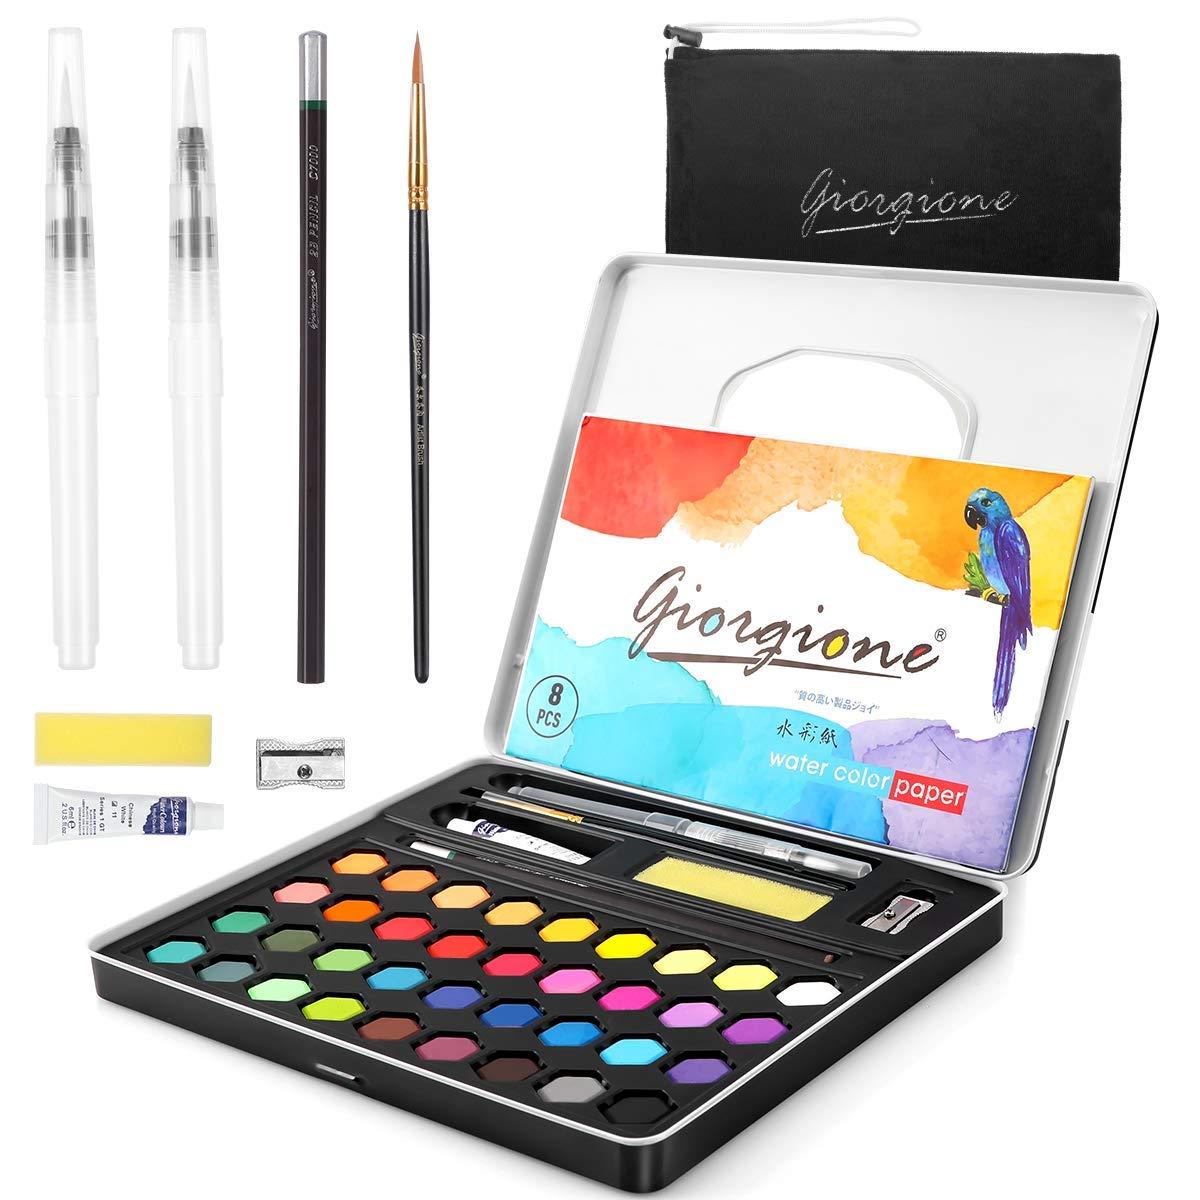 AGPTEK 36 Colores Kit de Pintura de Acuarela, Set de Acuarelas Profesional para Artistas Principiantes, Aficionados, Estudiantes y Niños: Amazon.es: Hogar